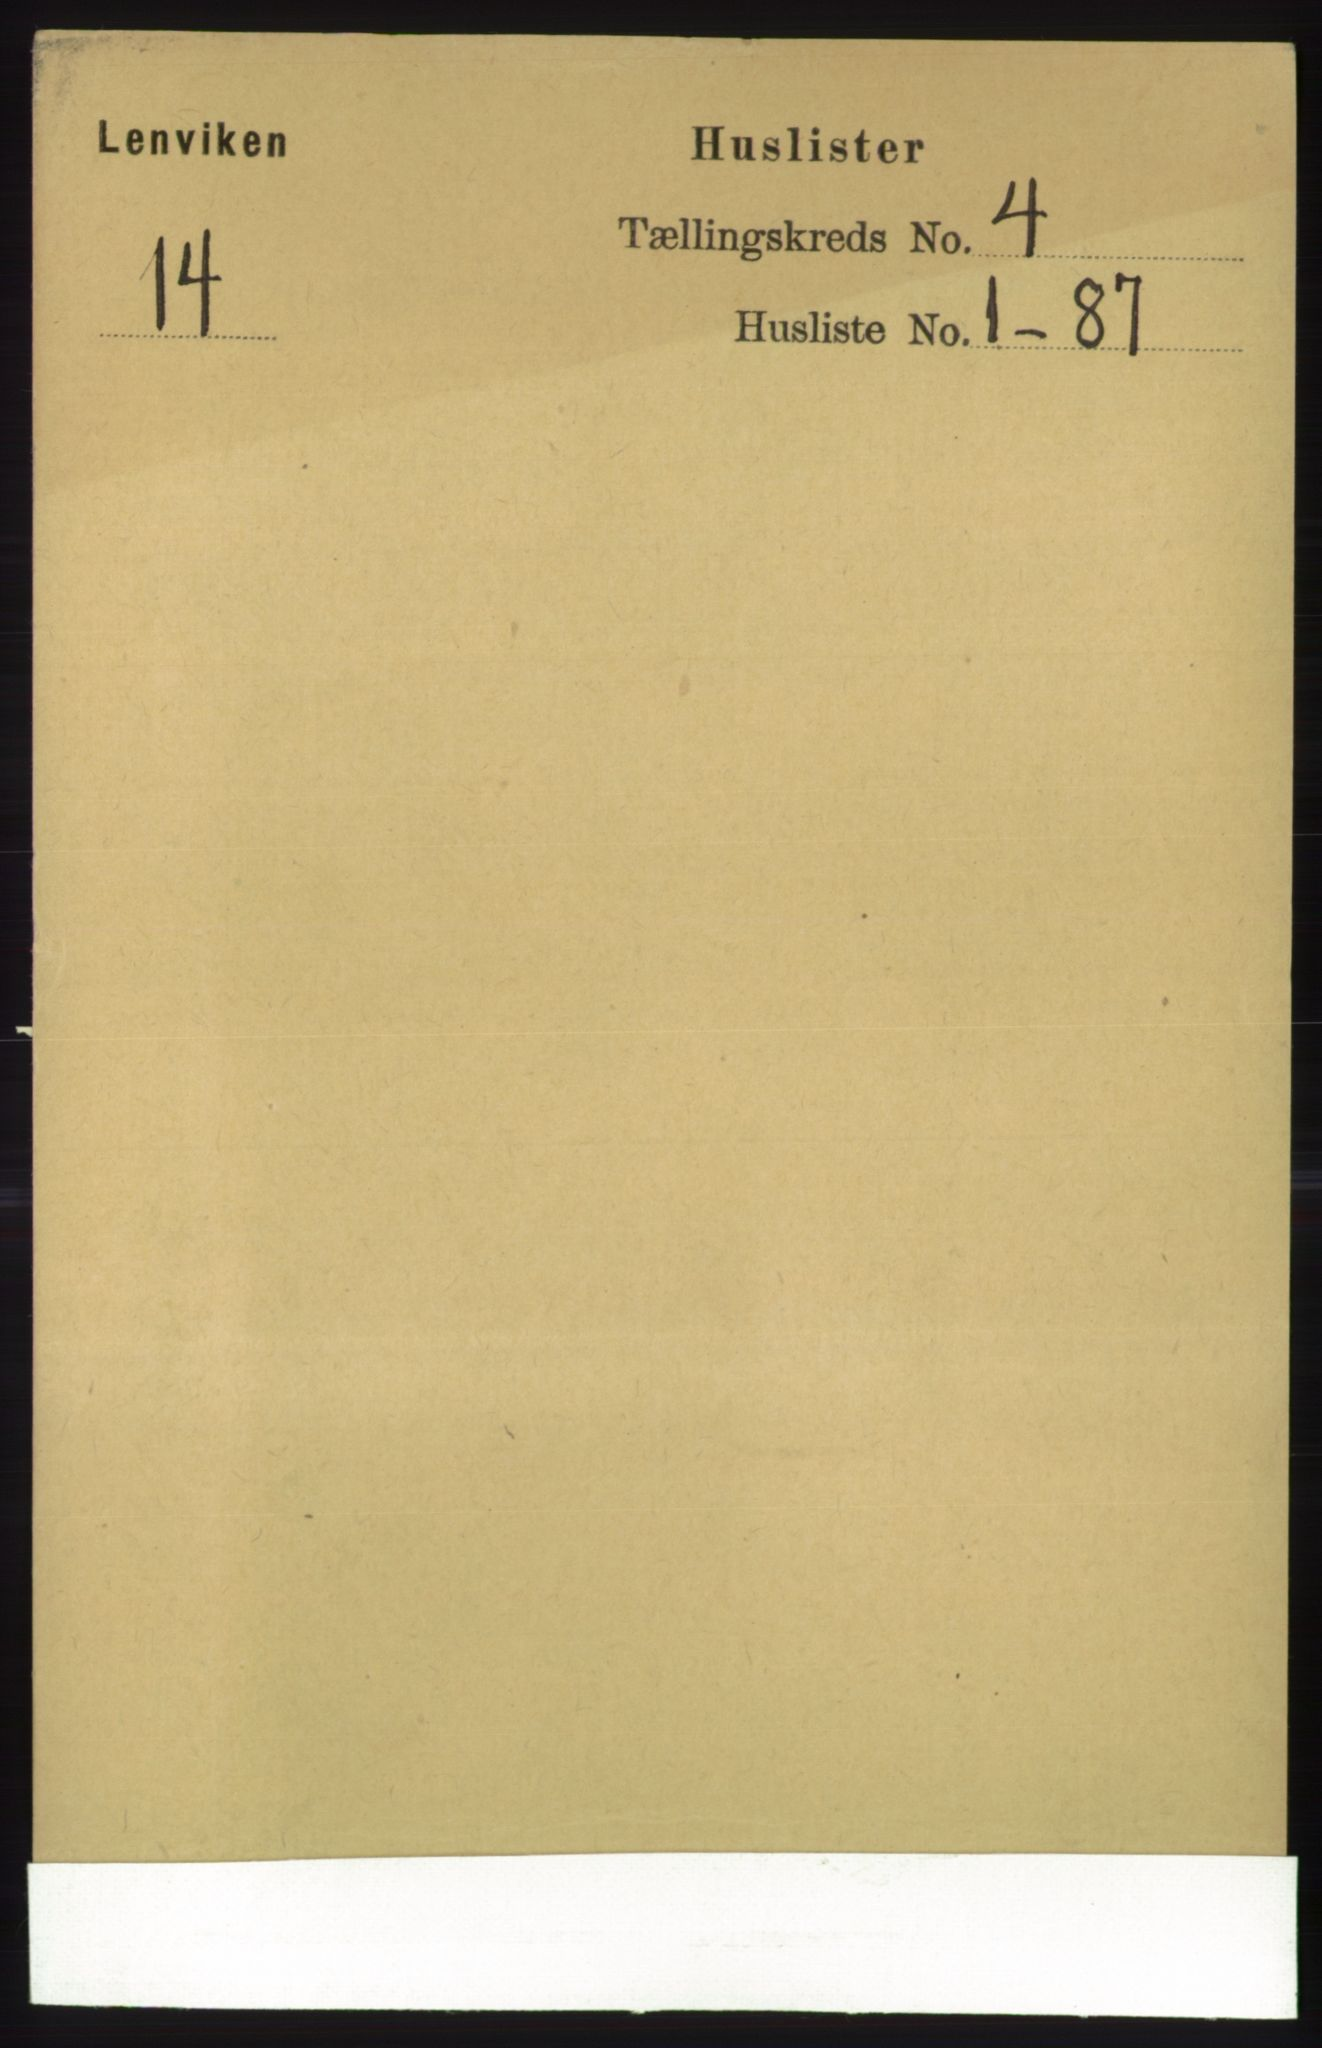 RA, Folketelling 1891 for 1931 Lenvik herred, 1891, s. 1828